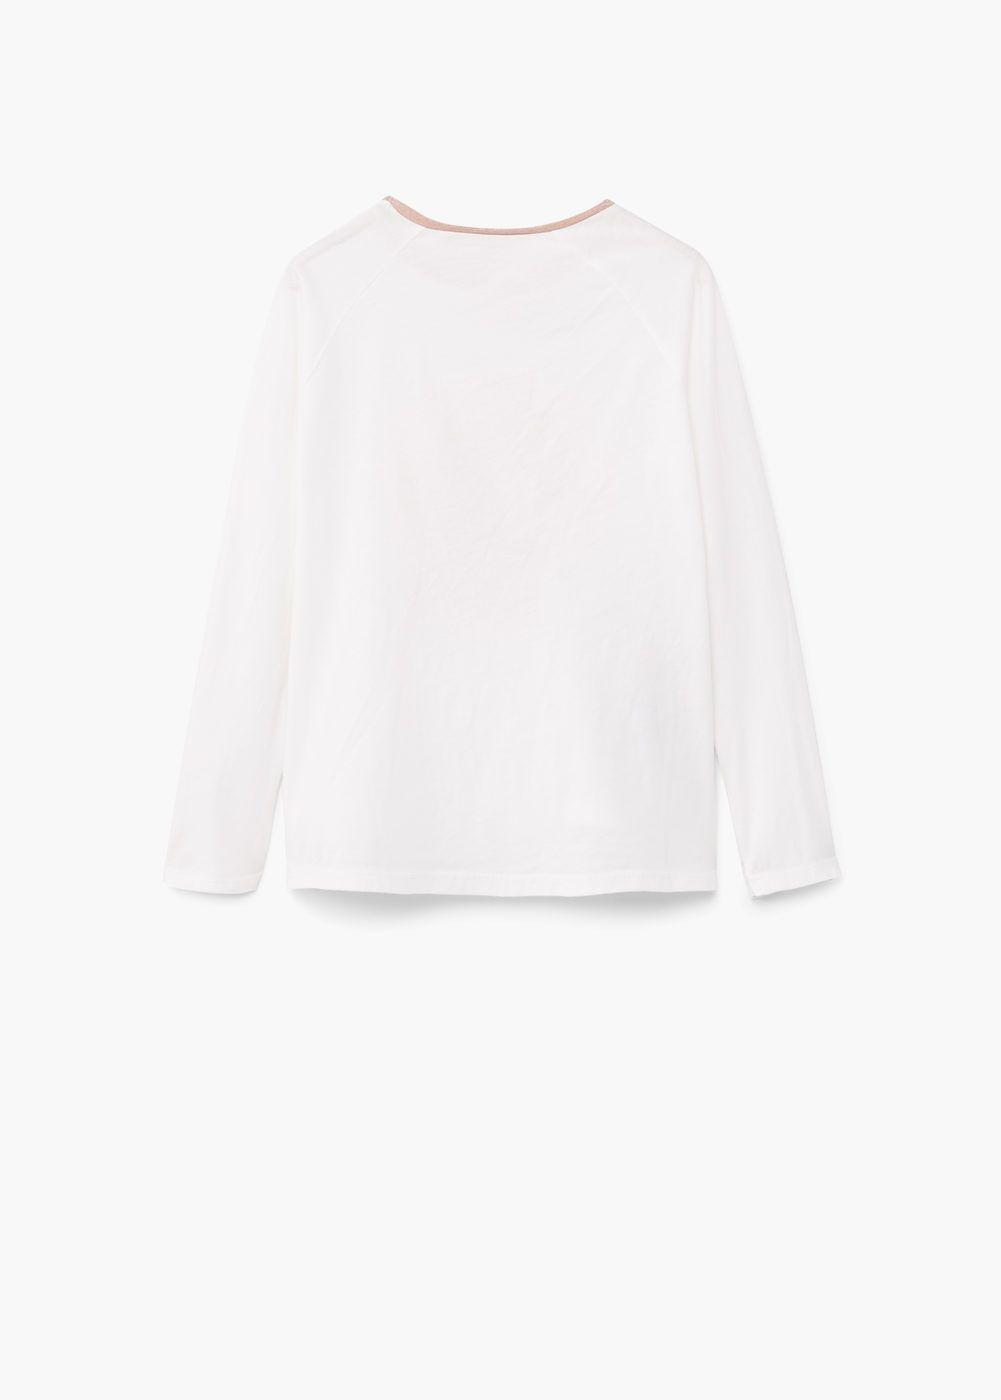 T-shirt algodão imagem | MANGO KIDS